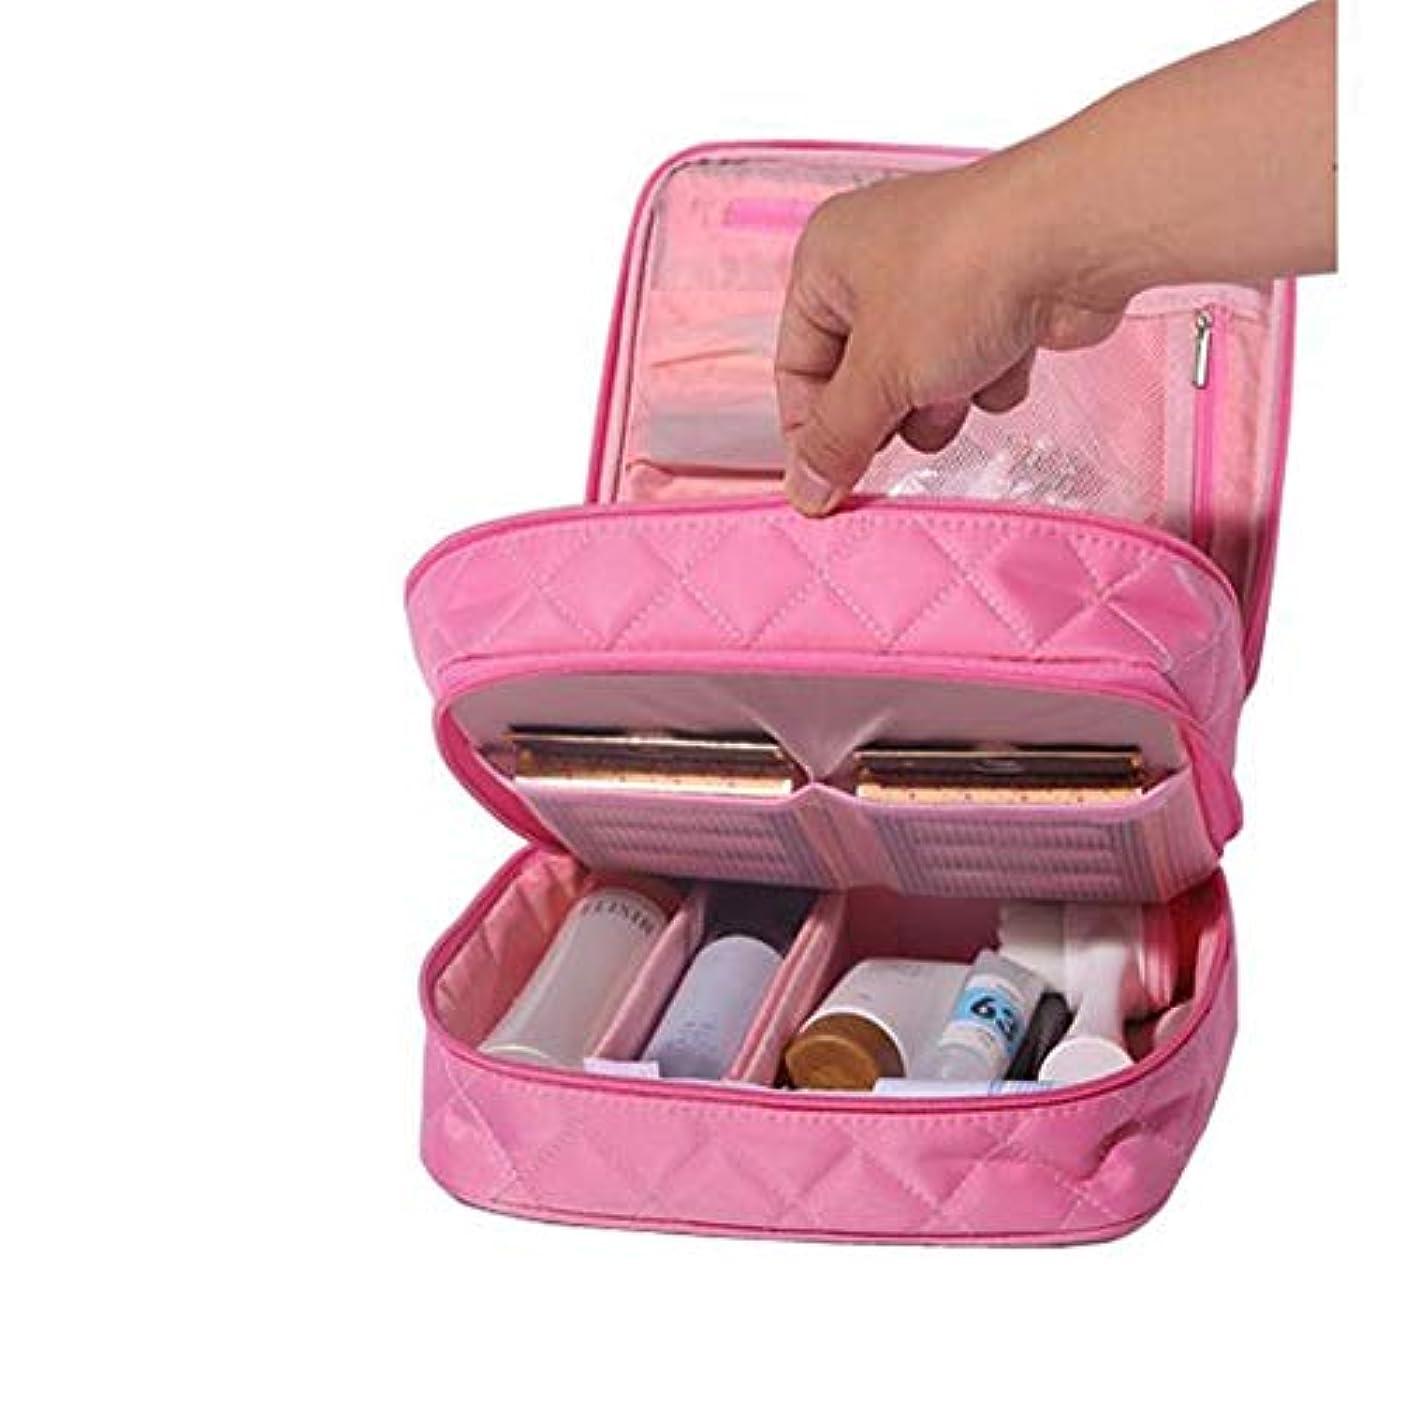 講堂考古学的なピニオン特大スペース収納ビューティーボックス 化粧品袋、携帯用旅行化粧品の箱、化粧品の箱、収納箱、調節可能なディバイダーが付いている小型化粧の電車箱、化粧品の化粧筆、化粧品 化粧品化粧台 (色 : ピンク)